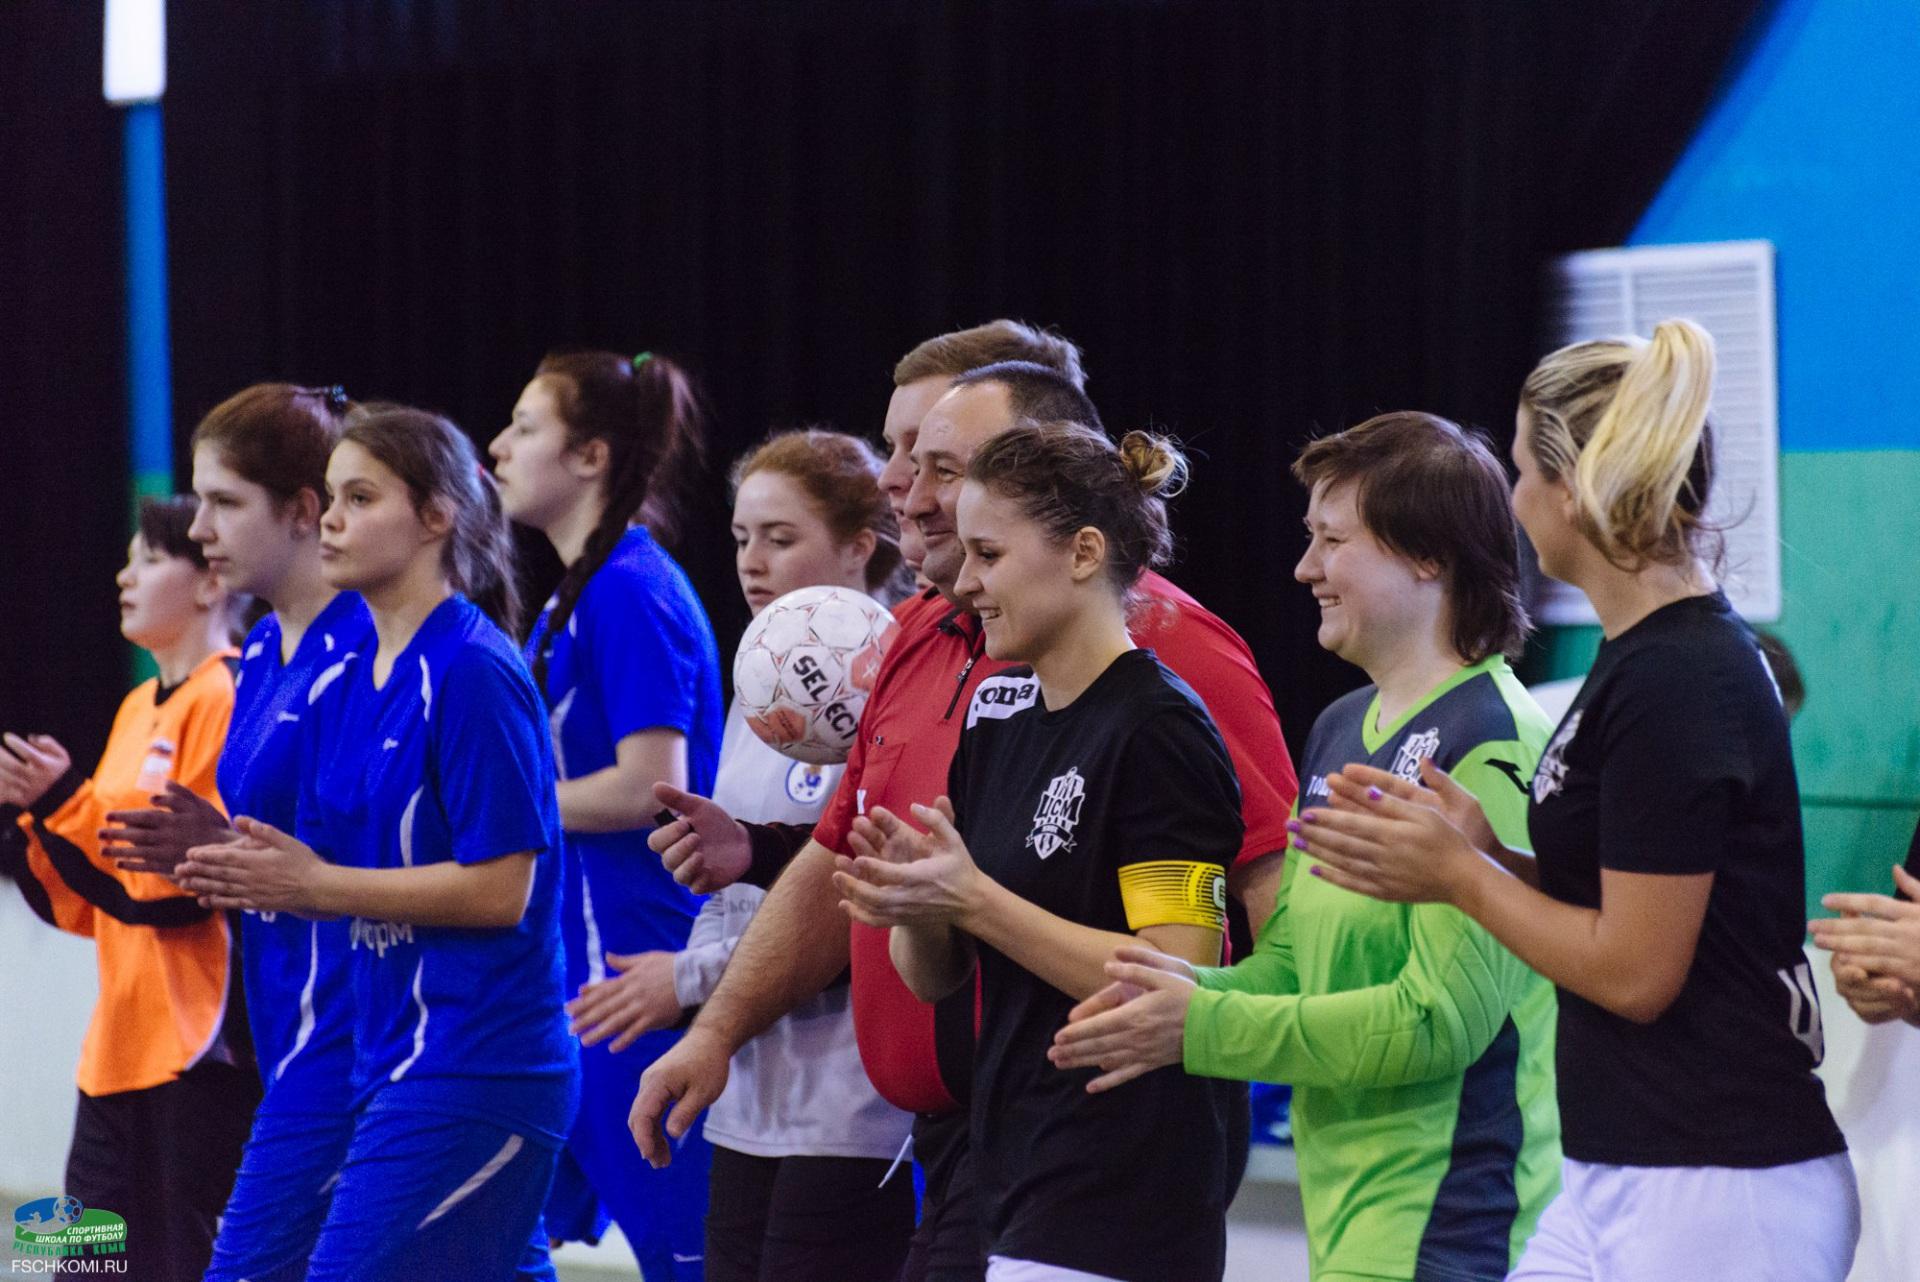 Женщины в Коми впервые сразятся в футбол под эгидой профильной Федерации